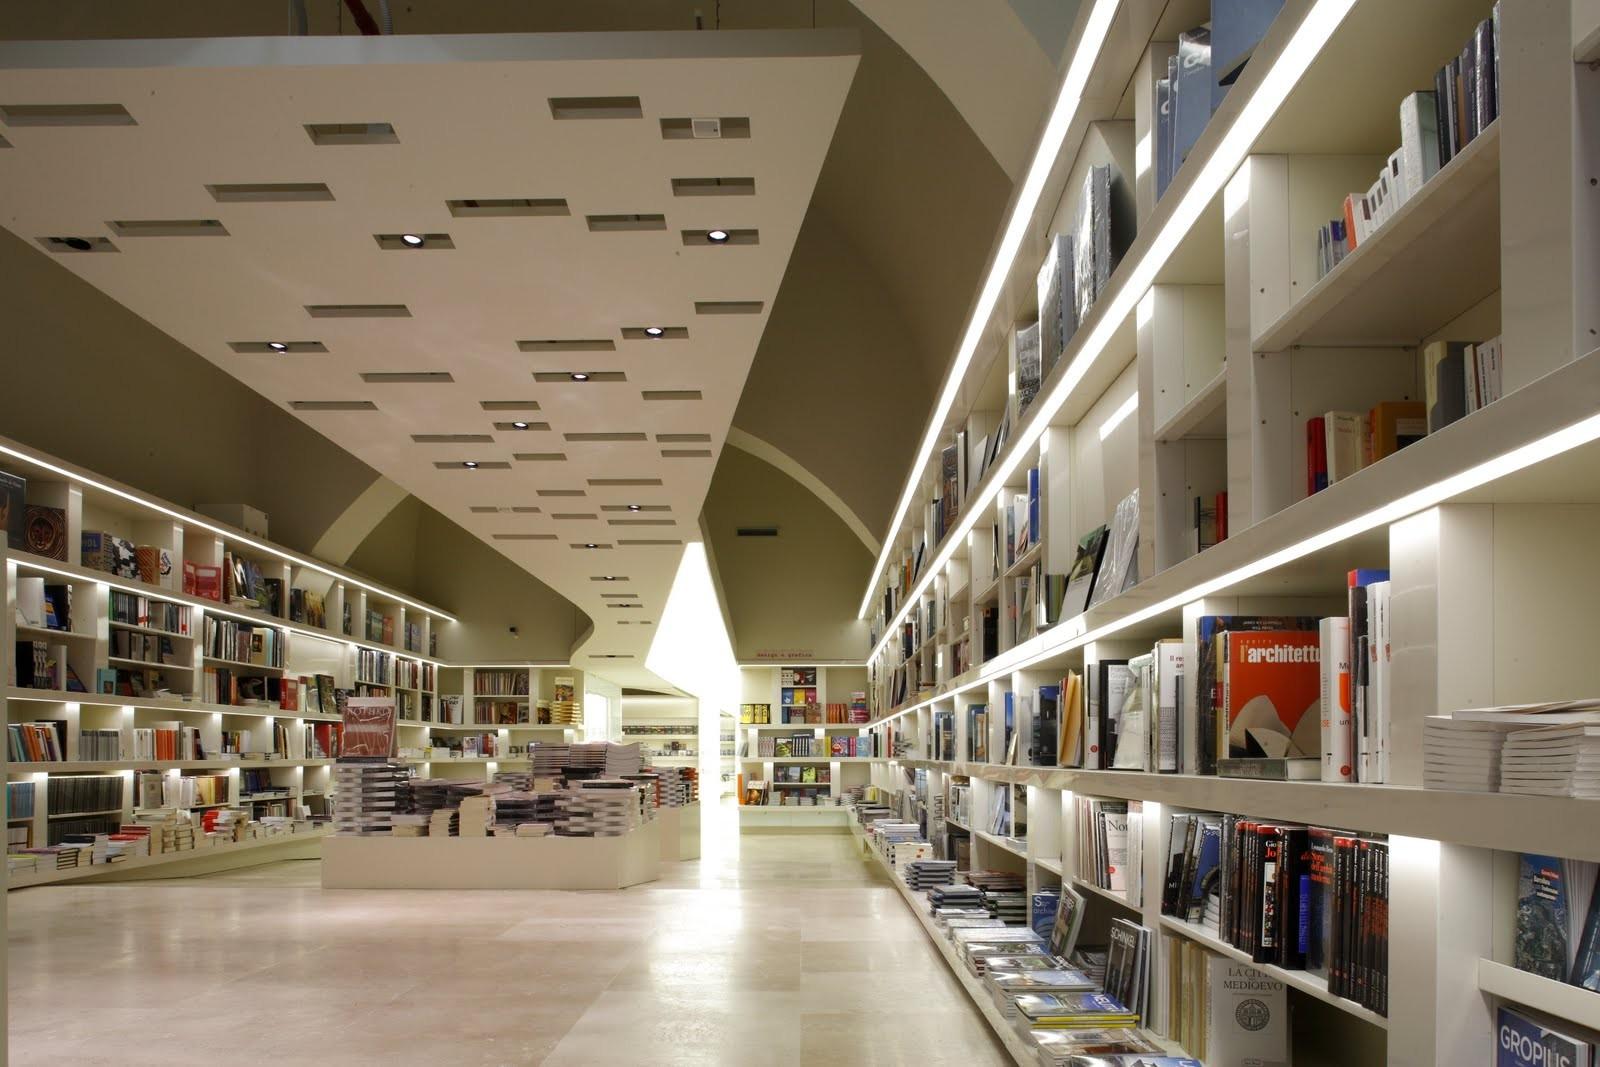 Bookabar Bookshop - Roma, Itália (Foto: Reprodução)